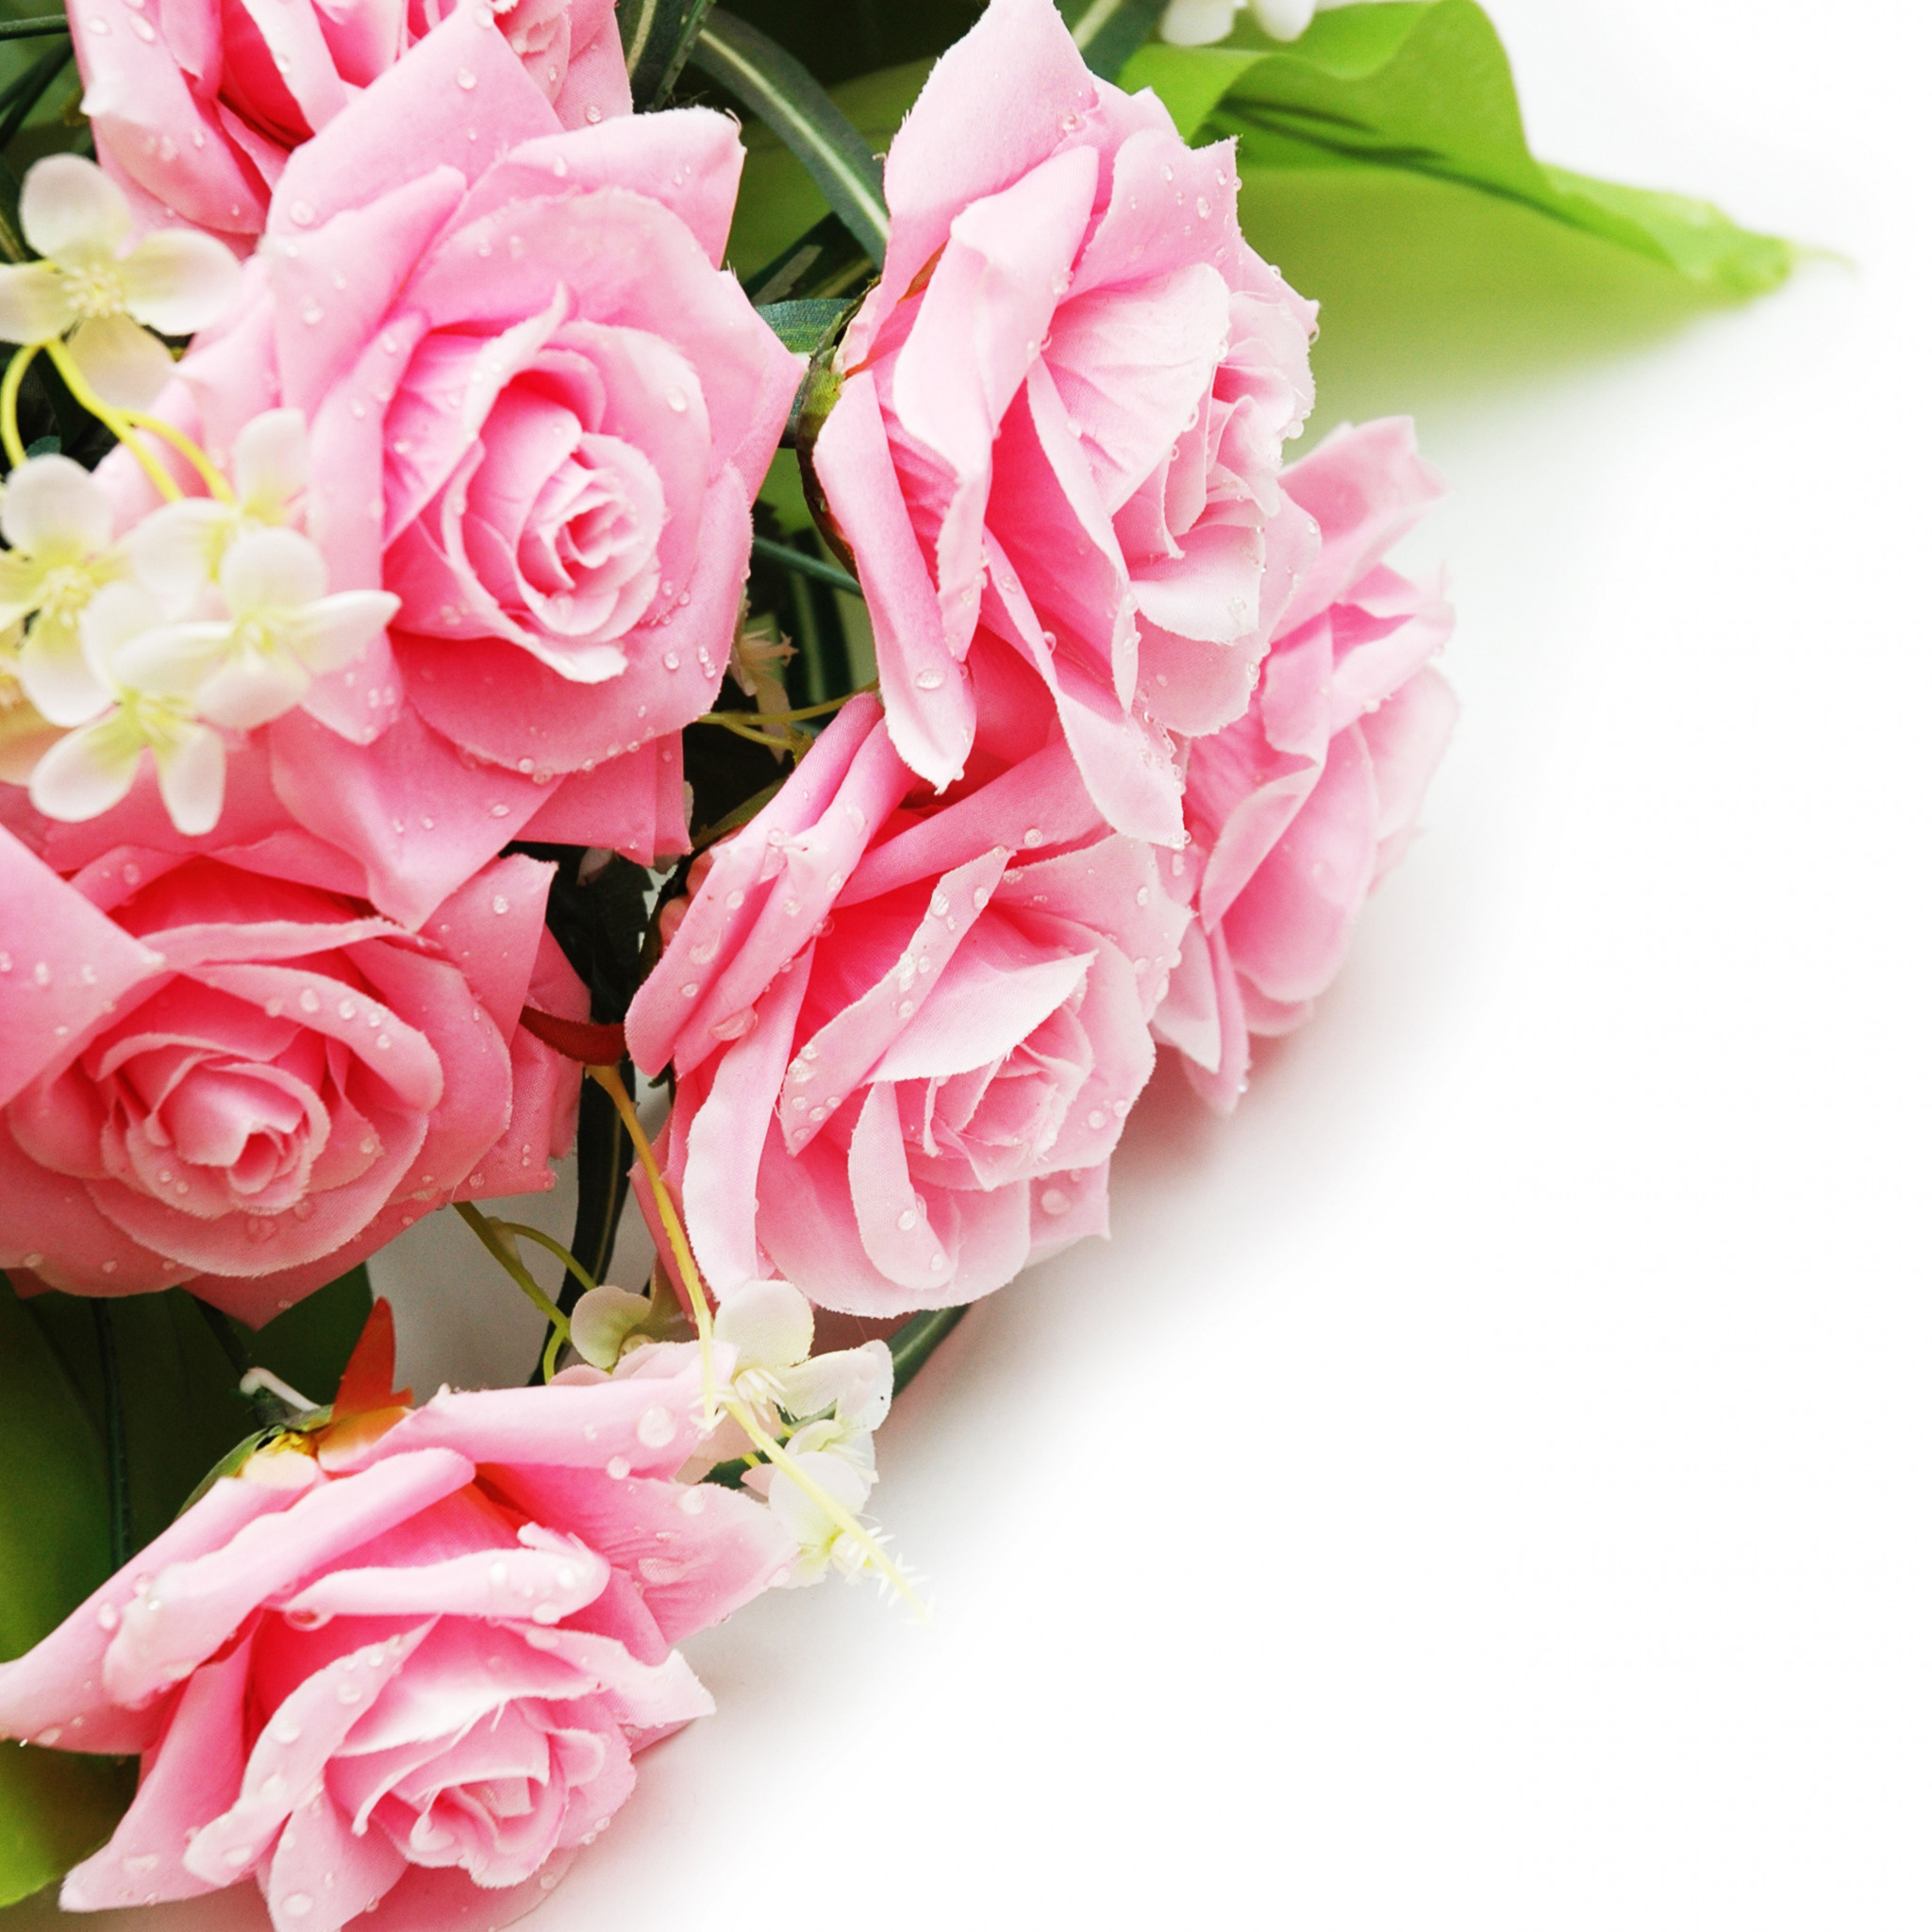 Картинки с цветами с надписью поздравляем